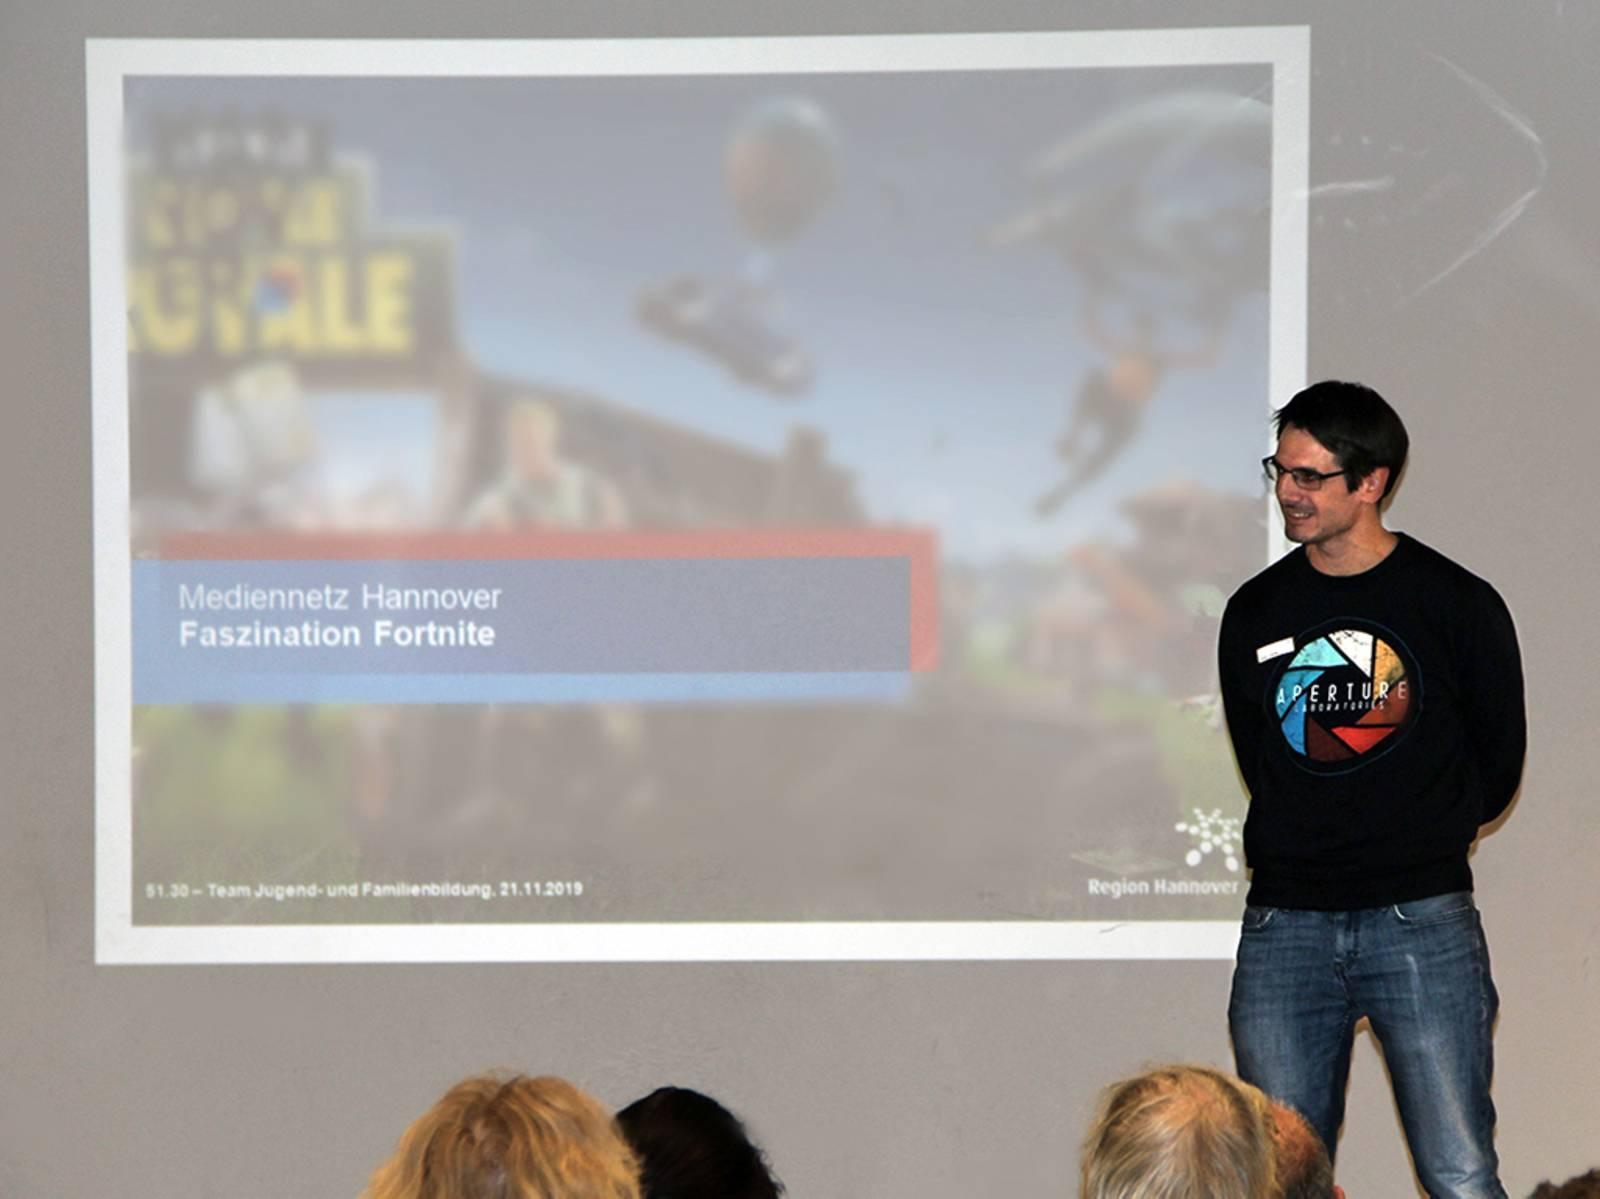 Ein Mann steht vor einer Leinwand vor Publikum und scheint einen Vortrag zu halten.